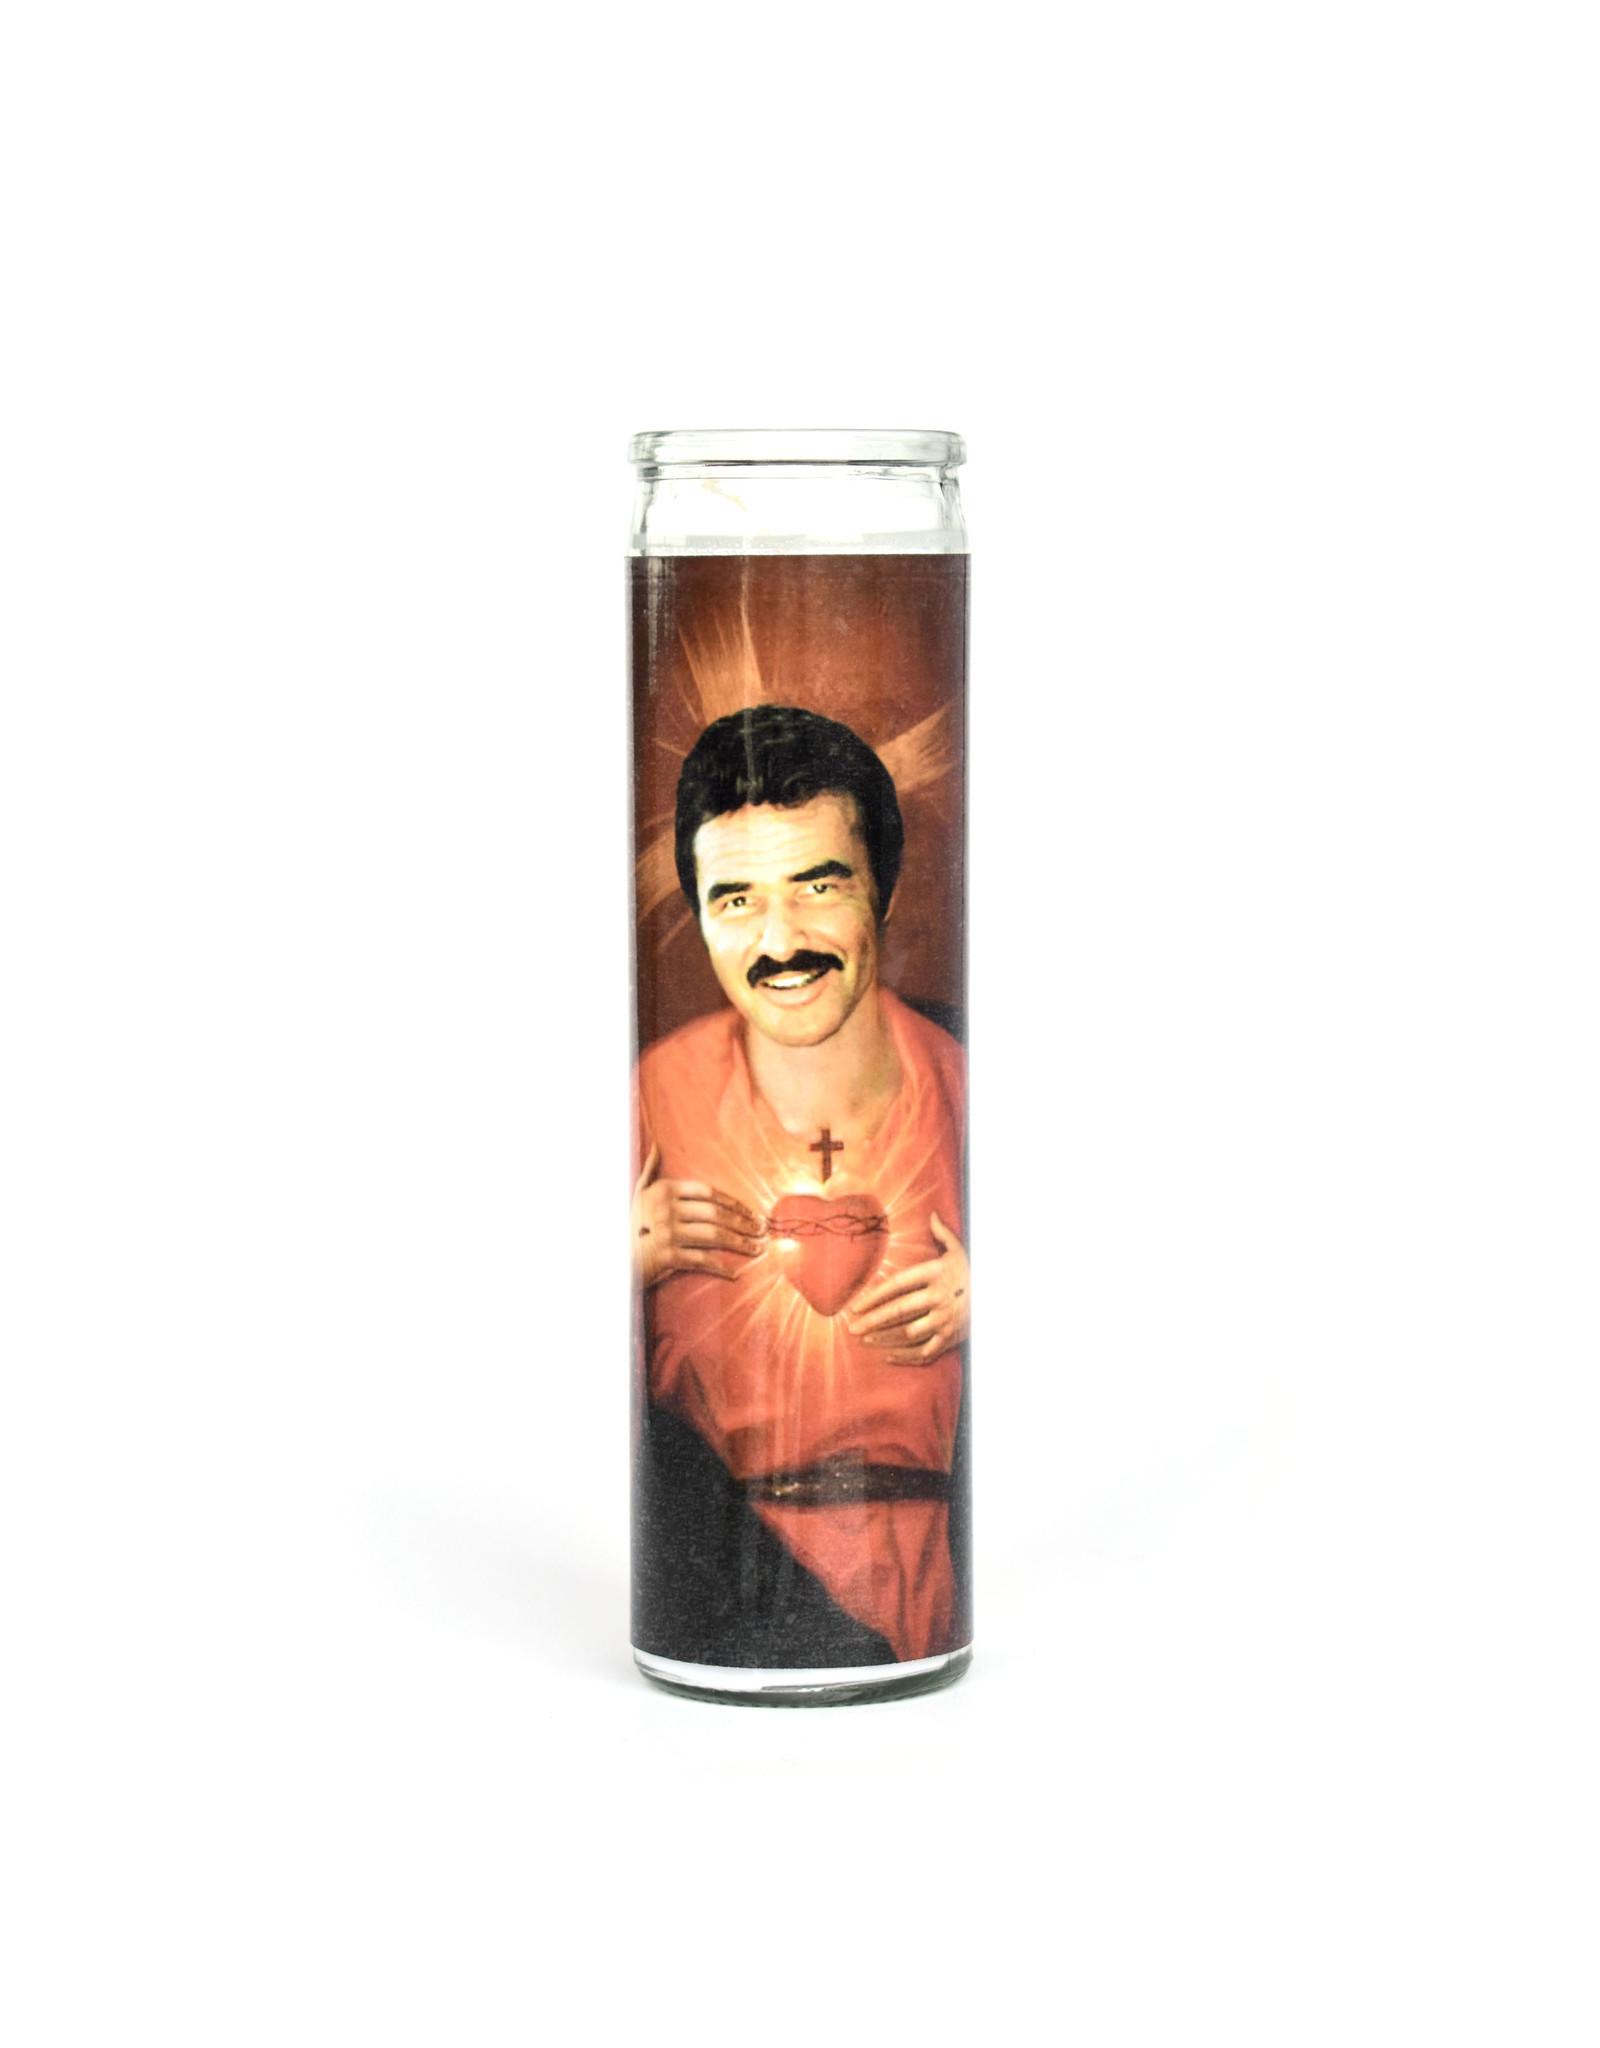 St. Burt Reynolds Prayer Candle